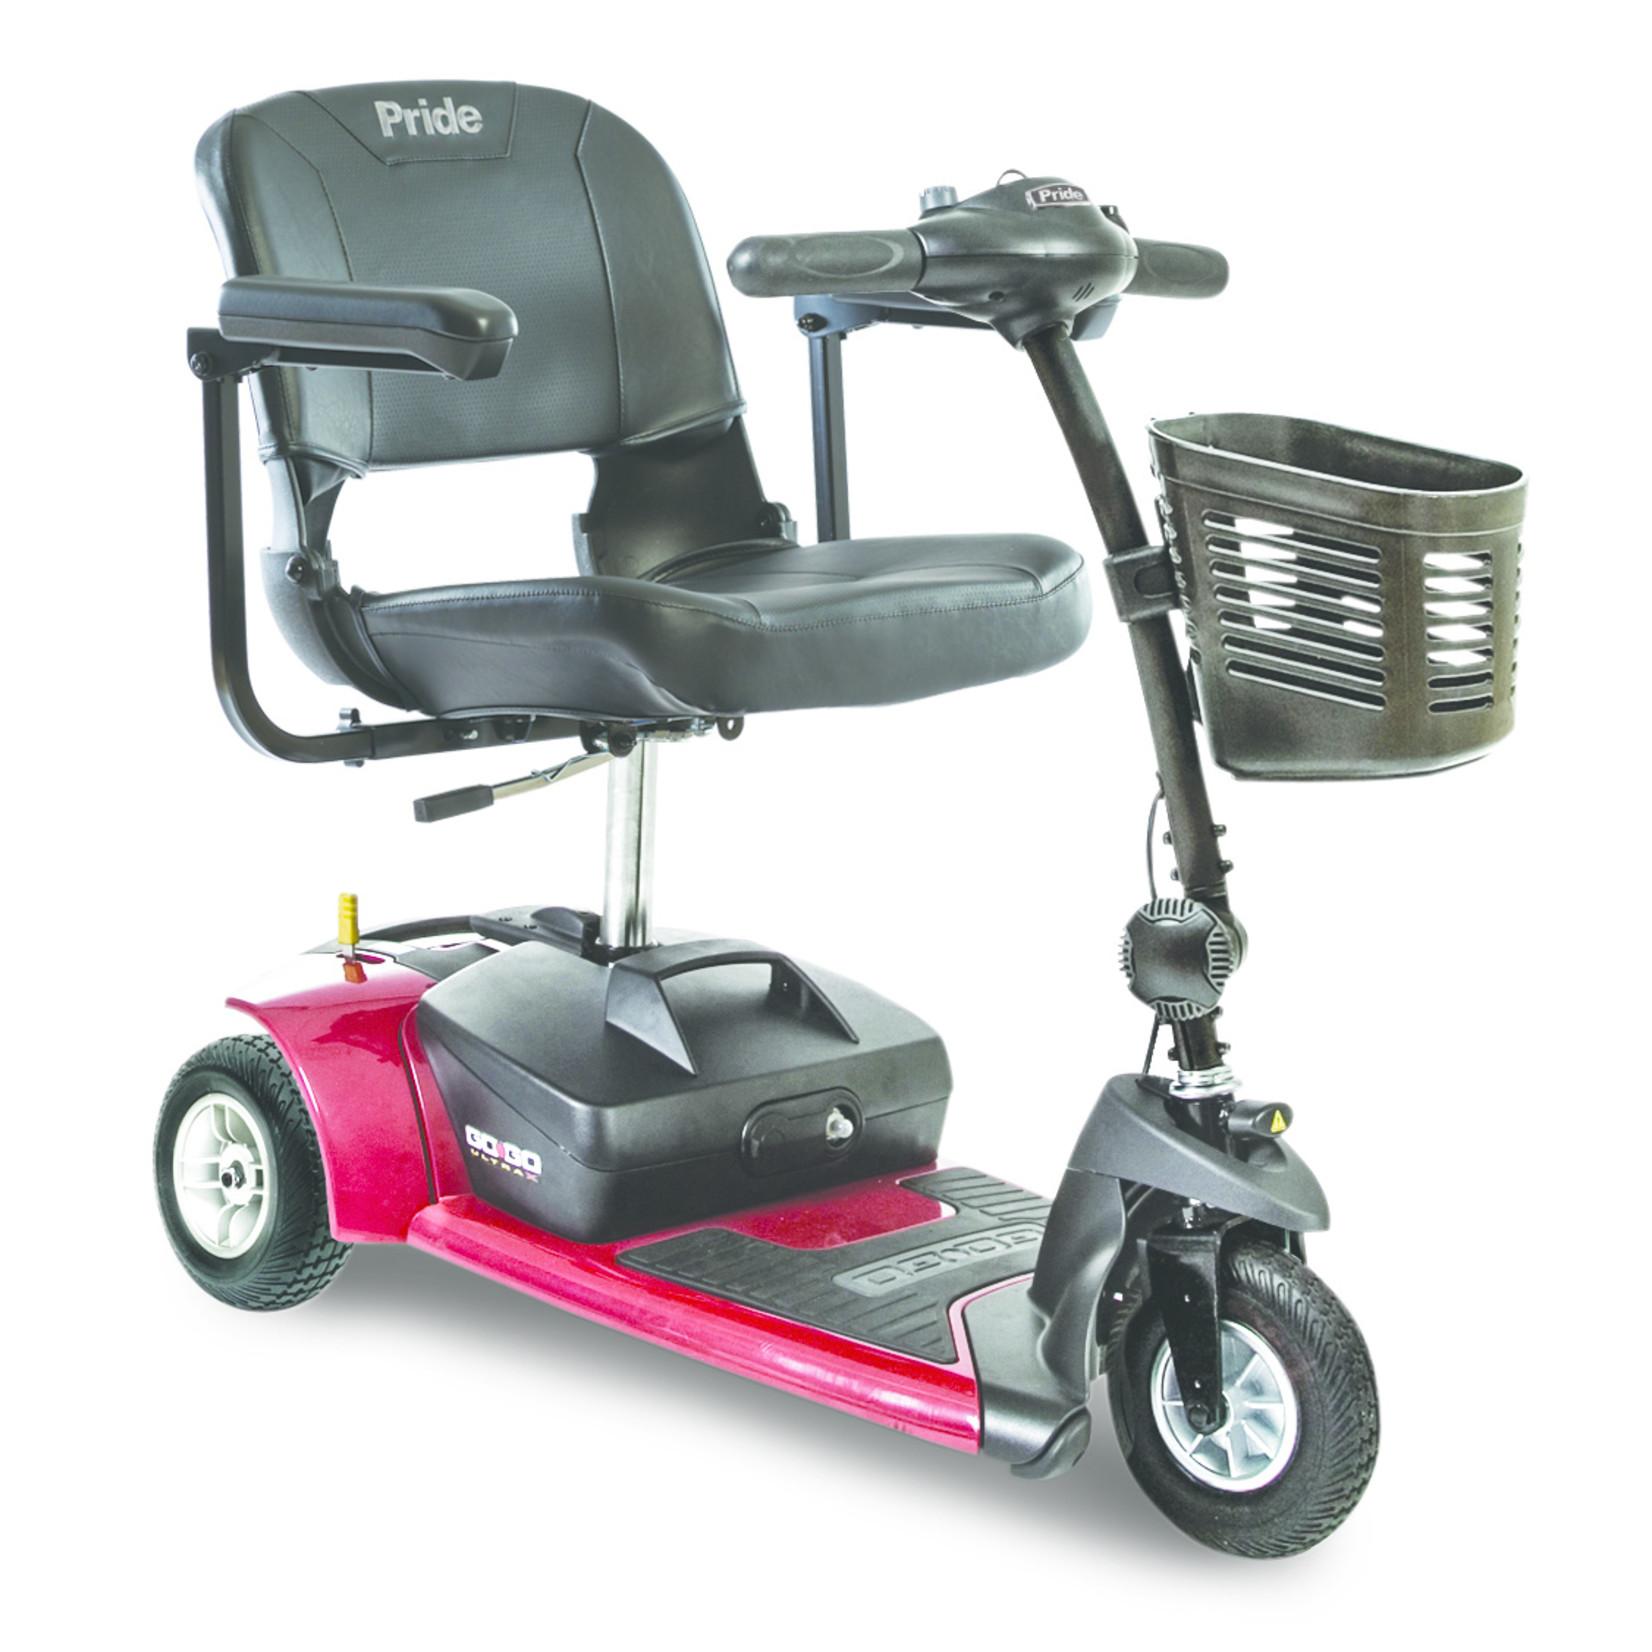 Pride Go-Go Ultra X 3-Wheel Scooter